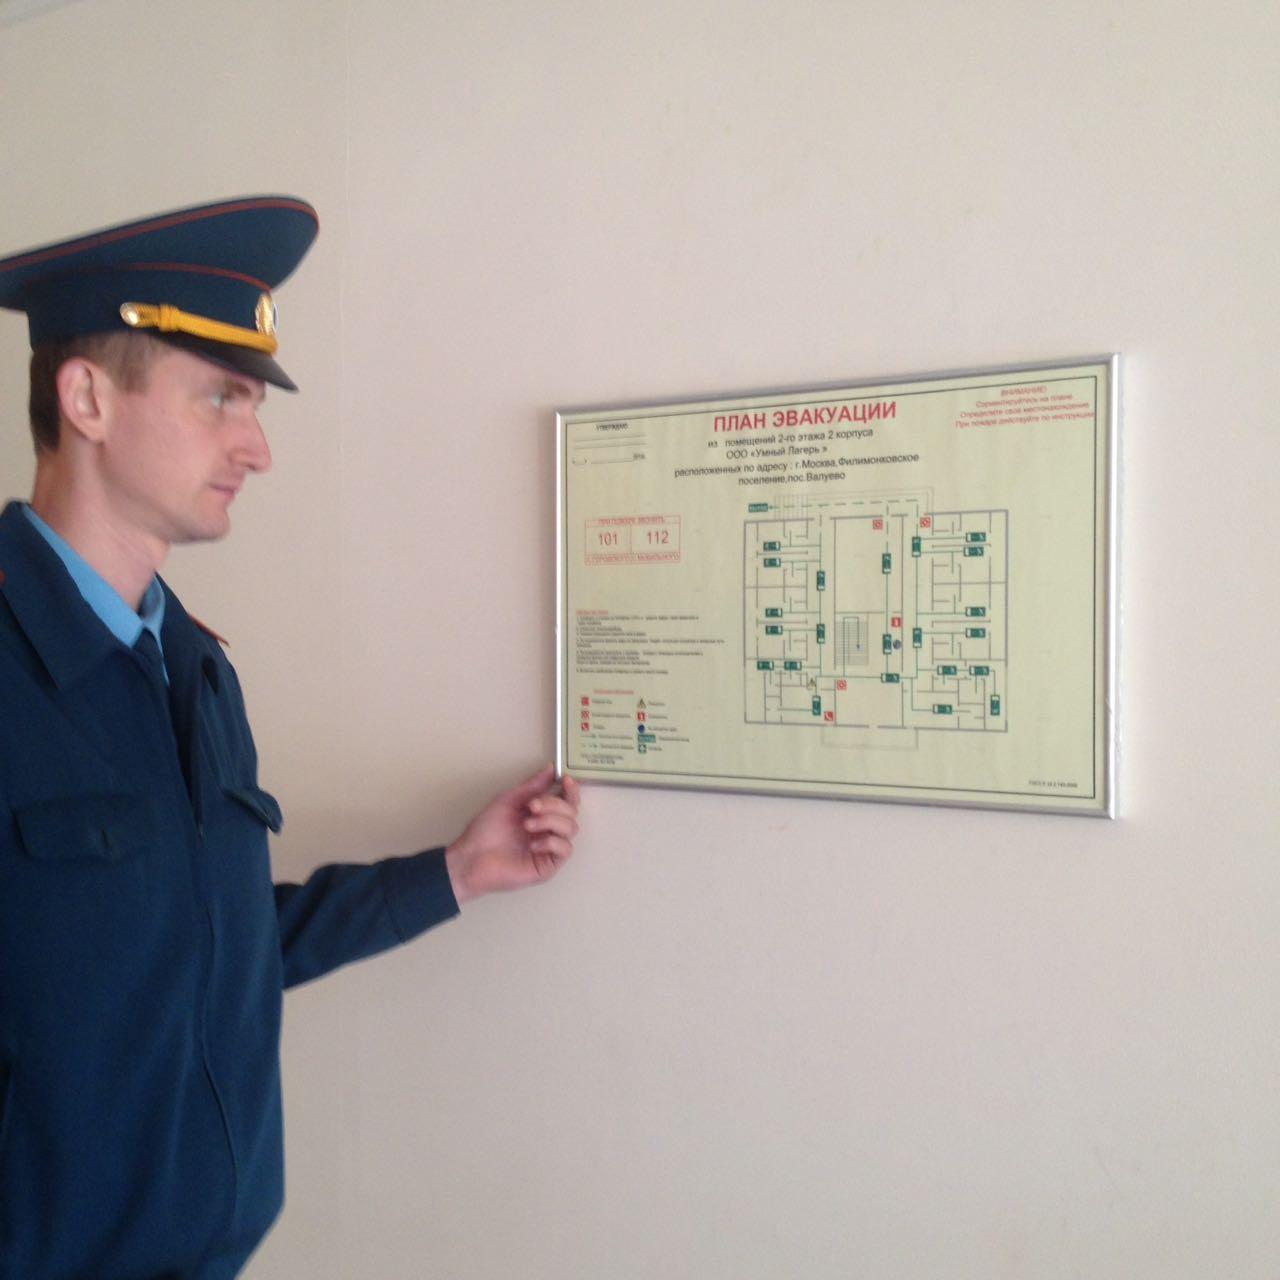 В Новой Москве проходят проверки готовности школ к учебному году 2017-2018